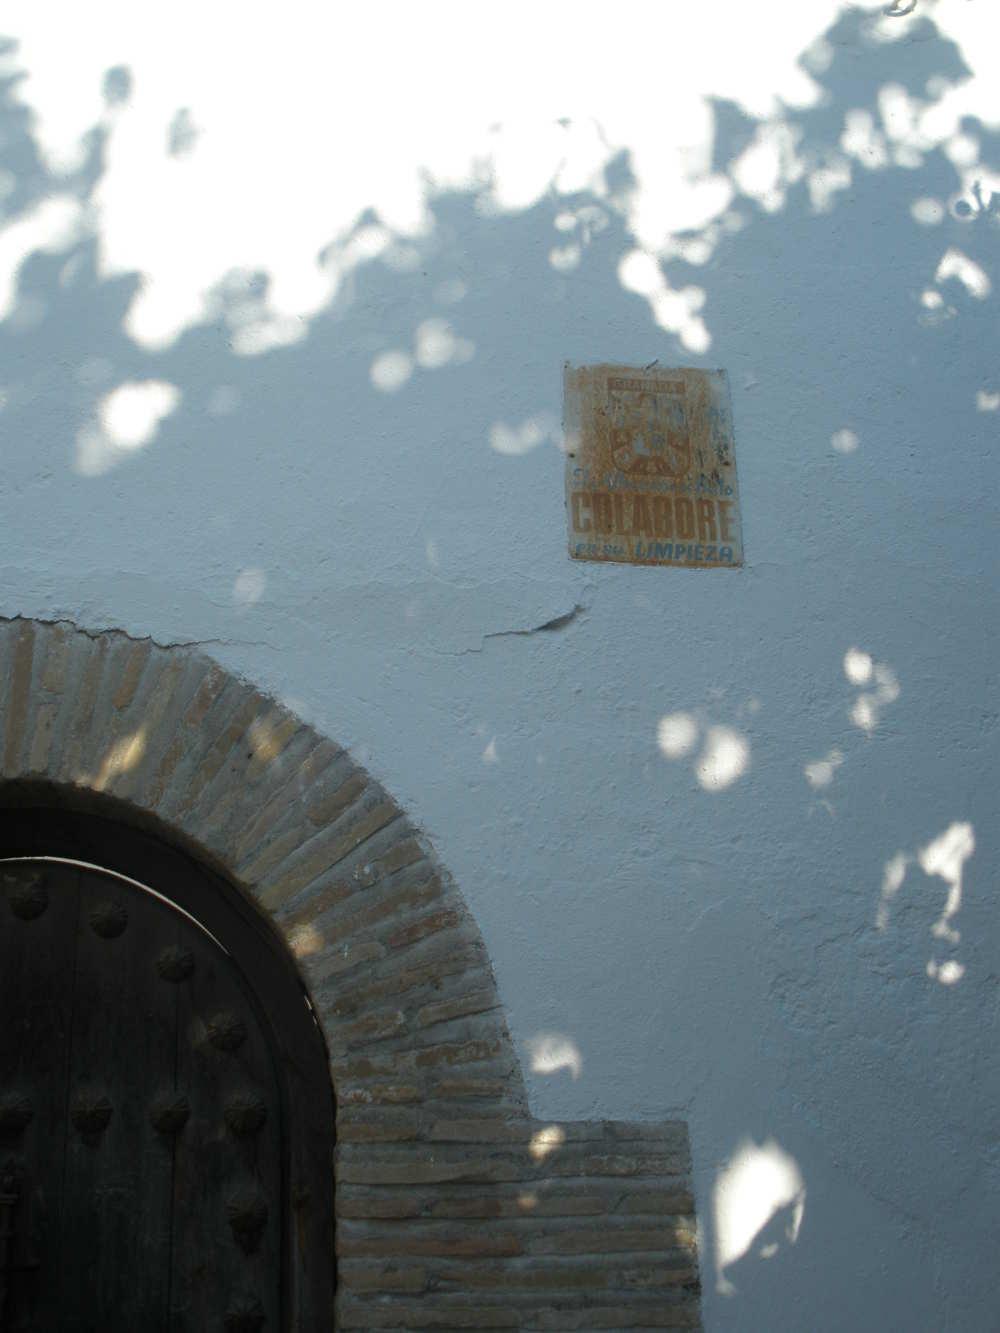 """Señal para colaborar en la limpieza del barrio, dice: El Albayzin es bello, colabore con su limpieza"""", situada en la fachada del Palacio de los Córdova en la entrada de la Cuesta del Chapiz"""